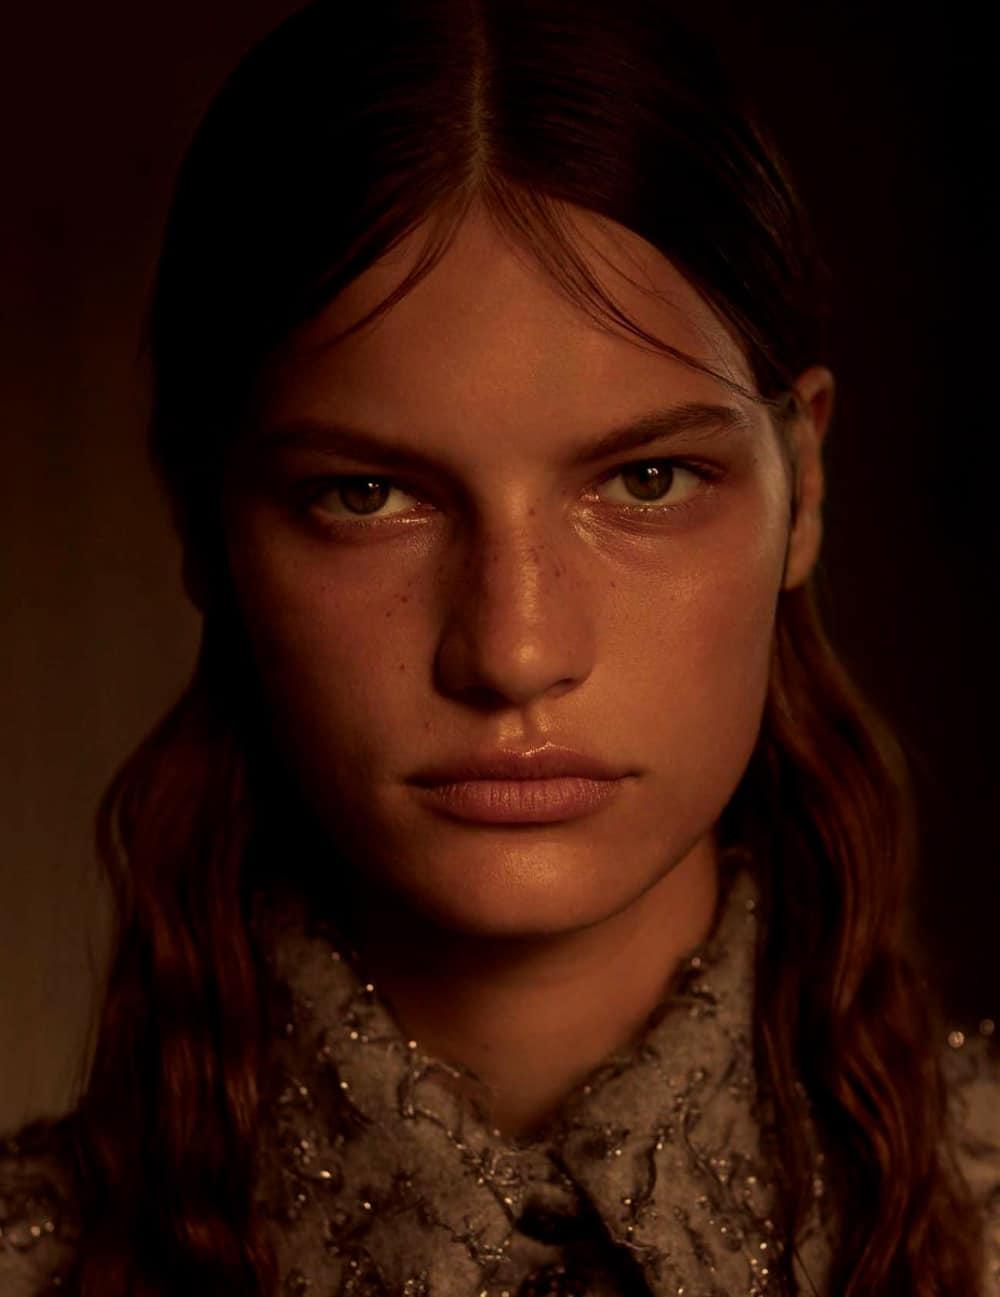 Vogue-Spain-August-2018-Faretta-by-Camilla-Akrans-1.jpg